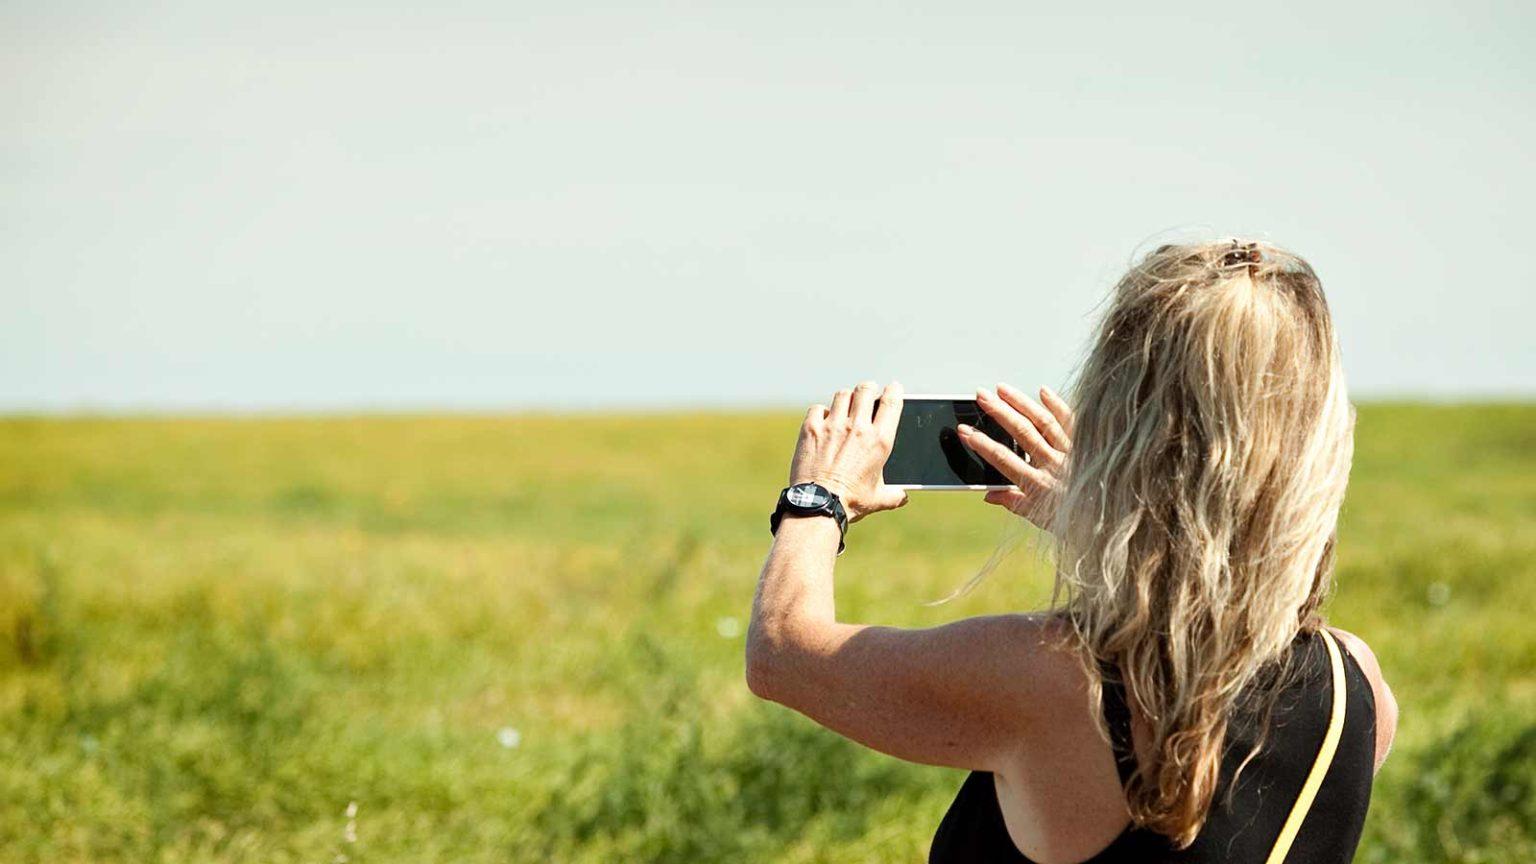 taking photo of crop